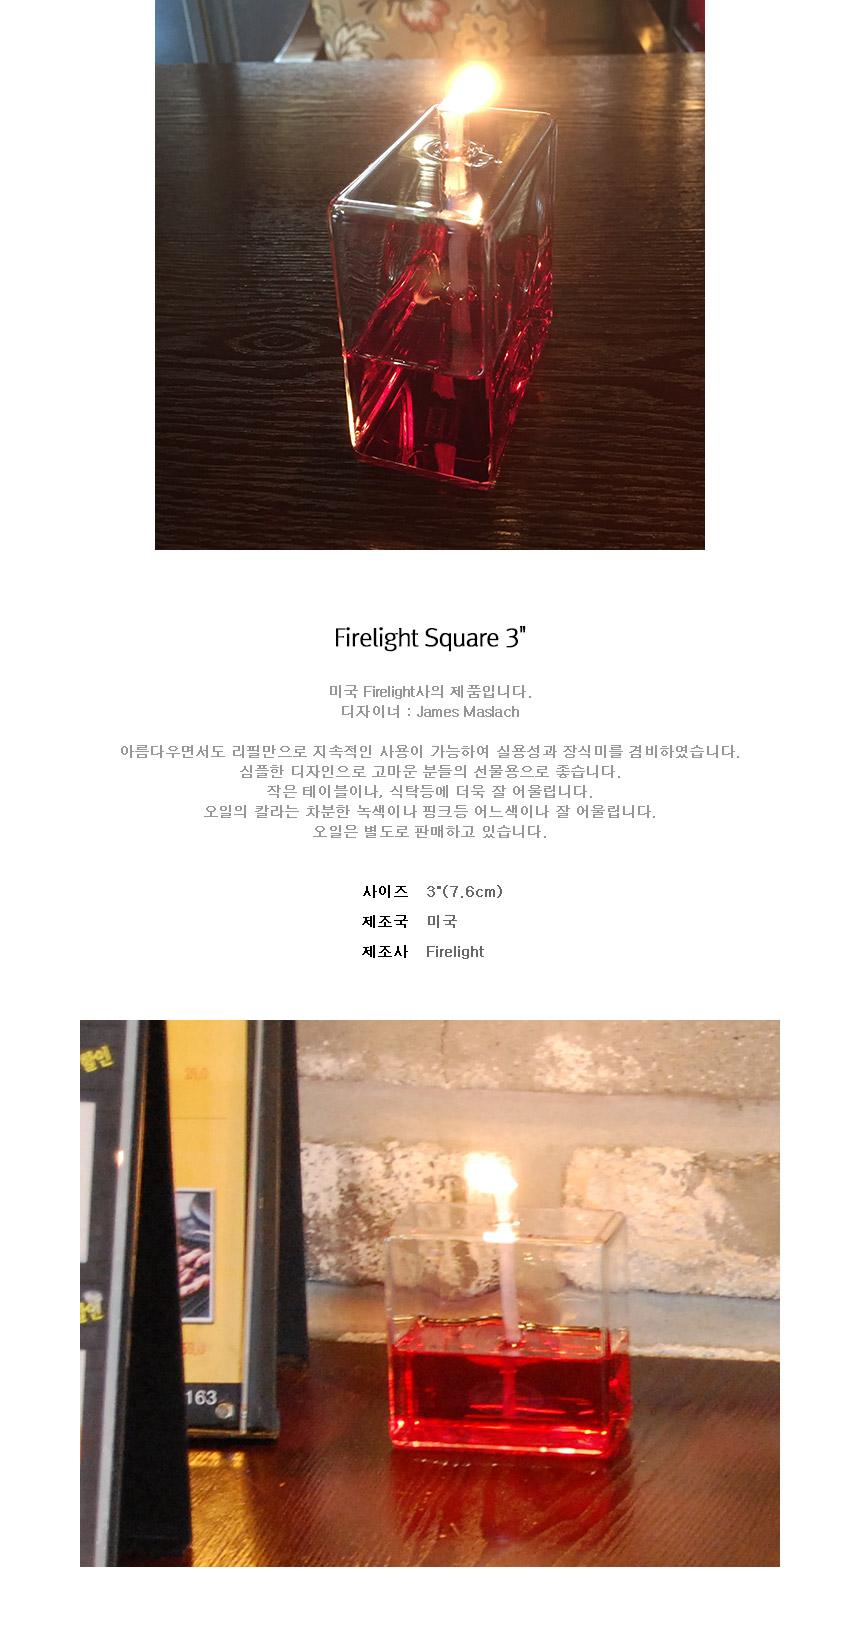 램프플러스 FireLight Square